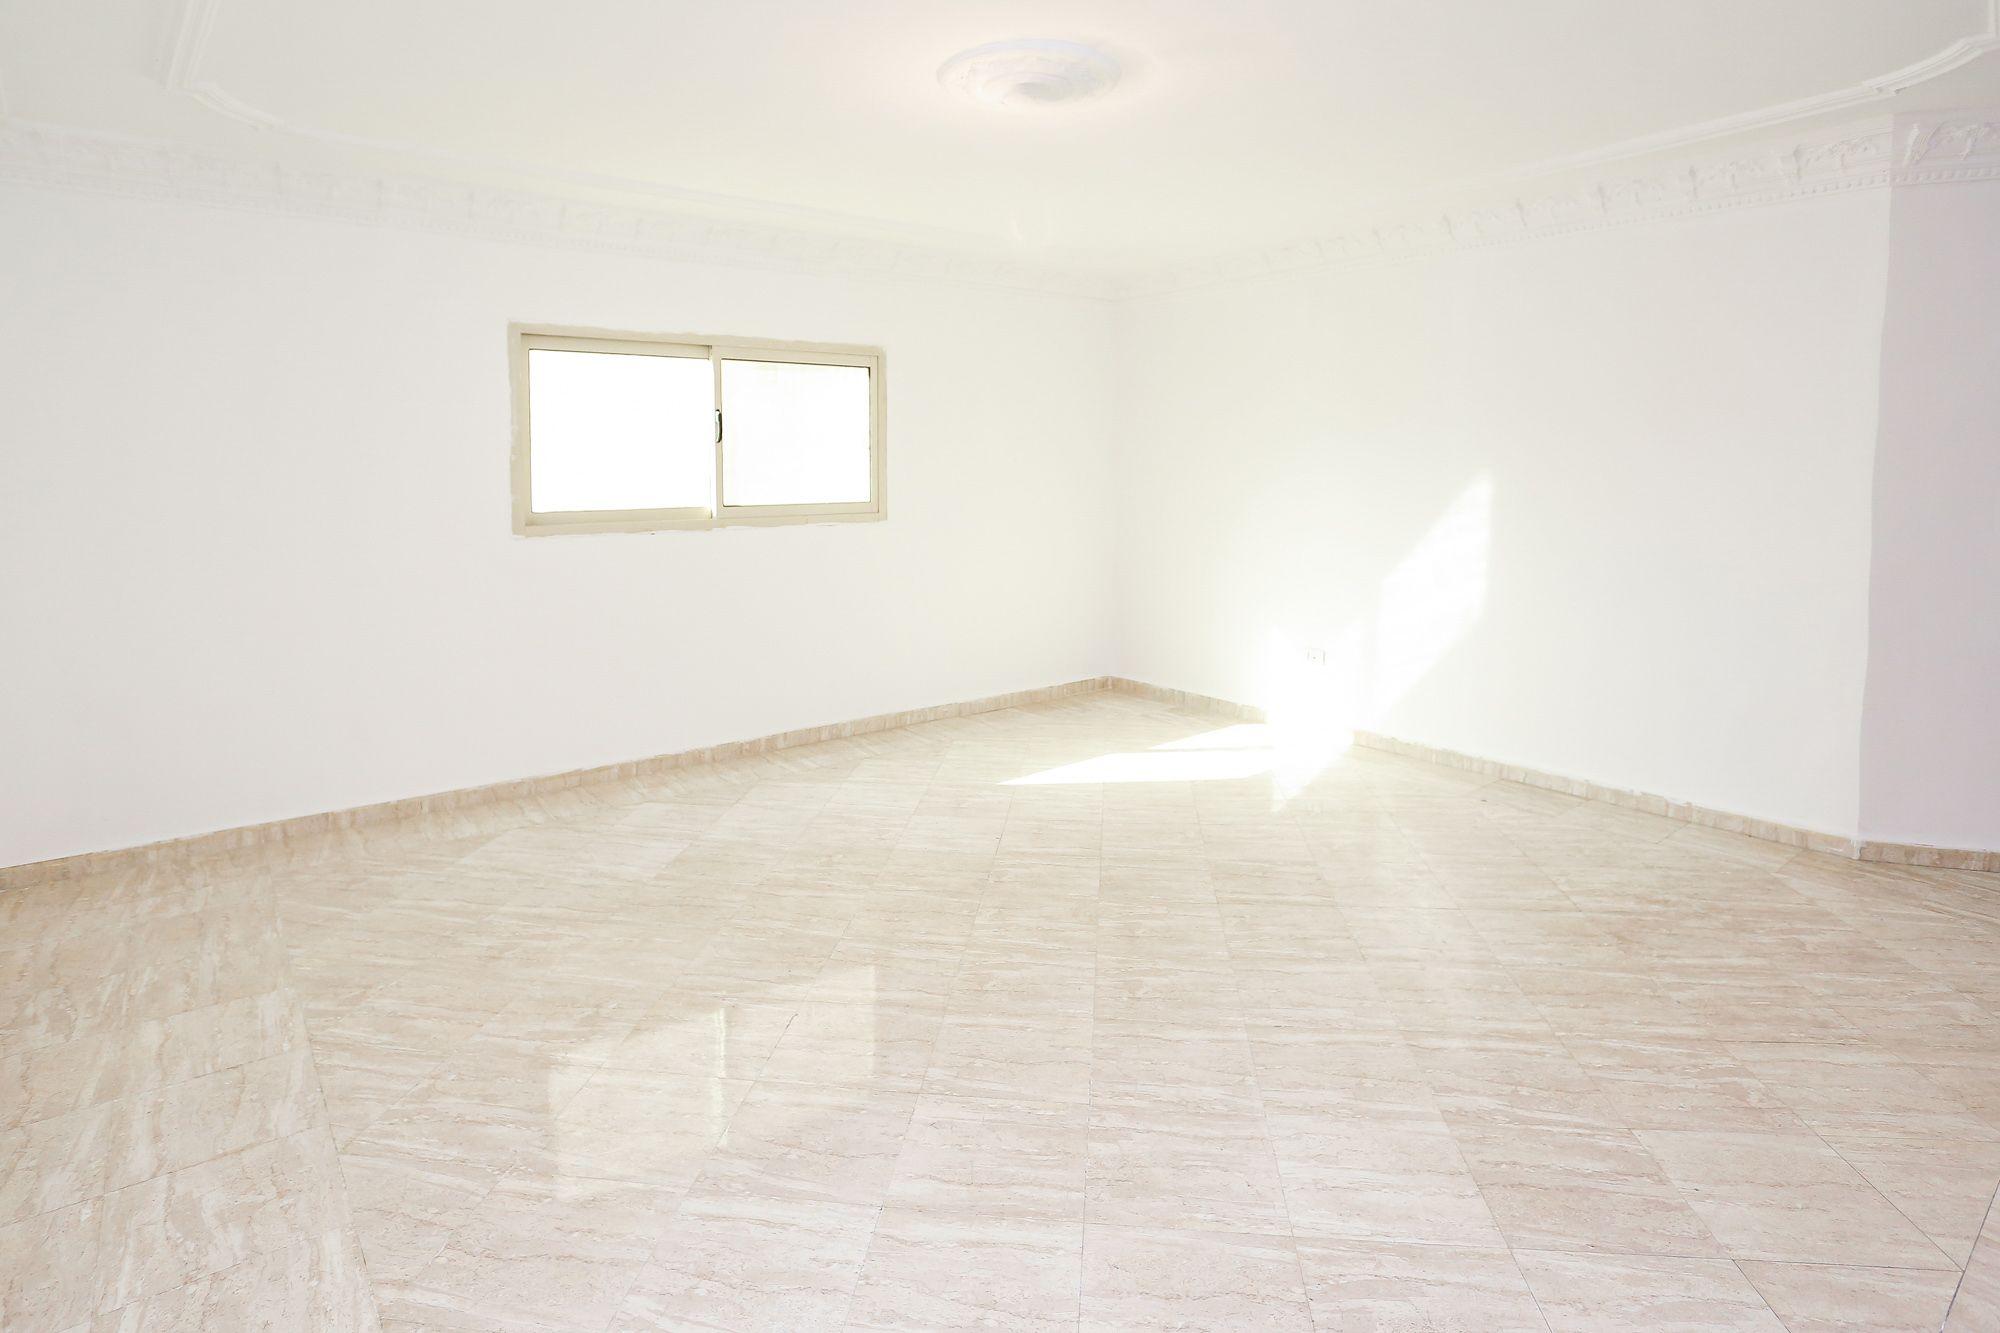 شقة للبيع 115 م محطة الرمل